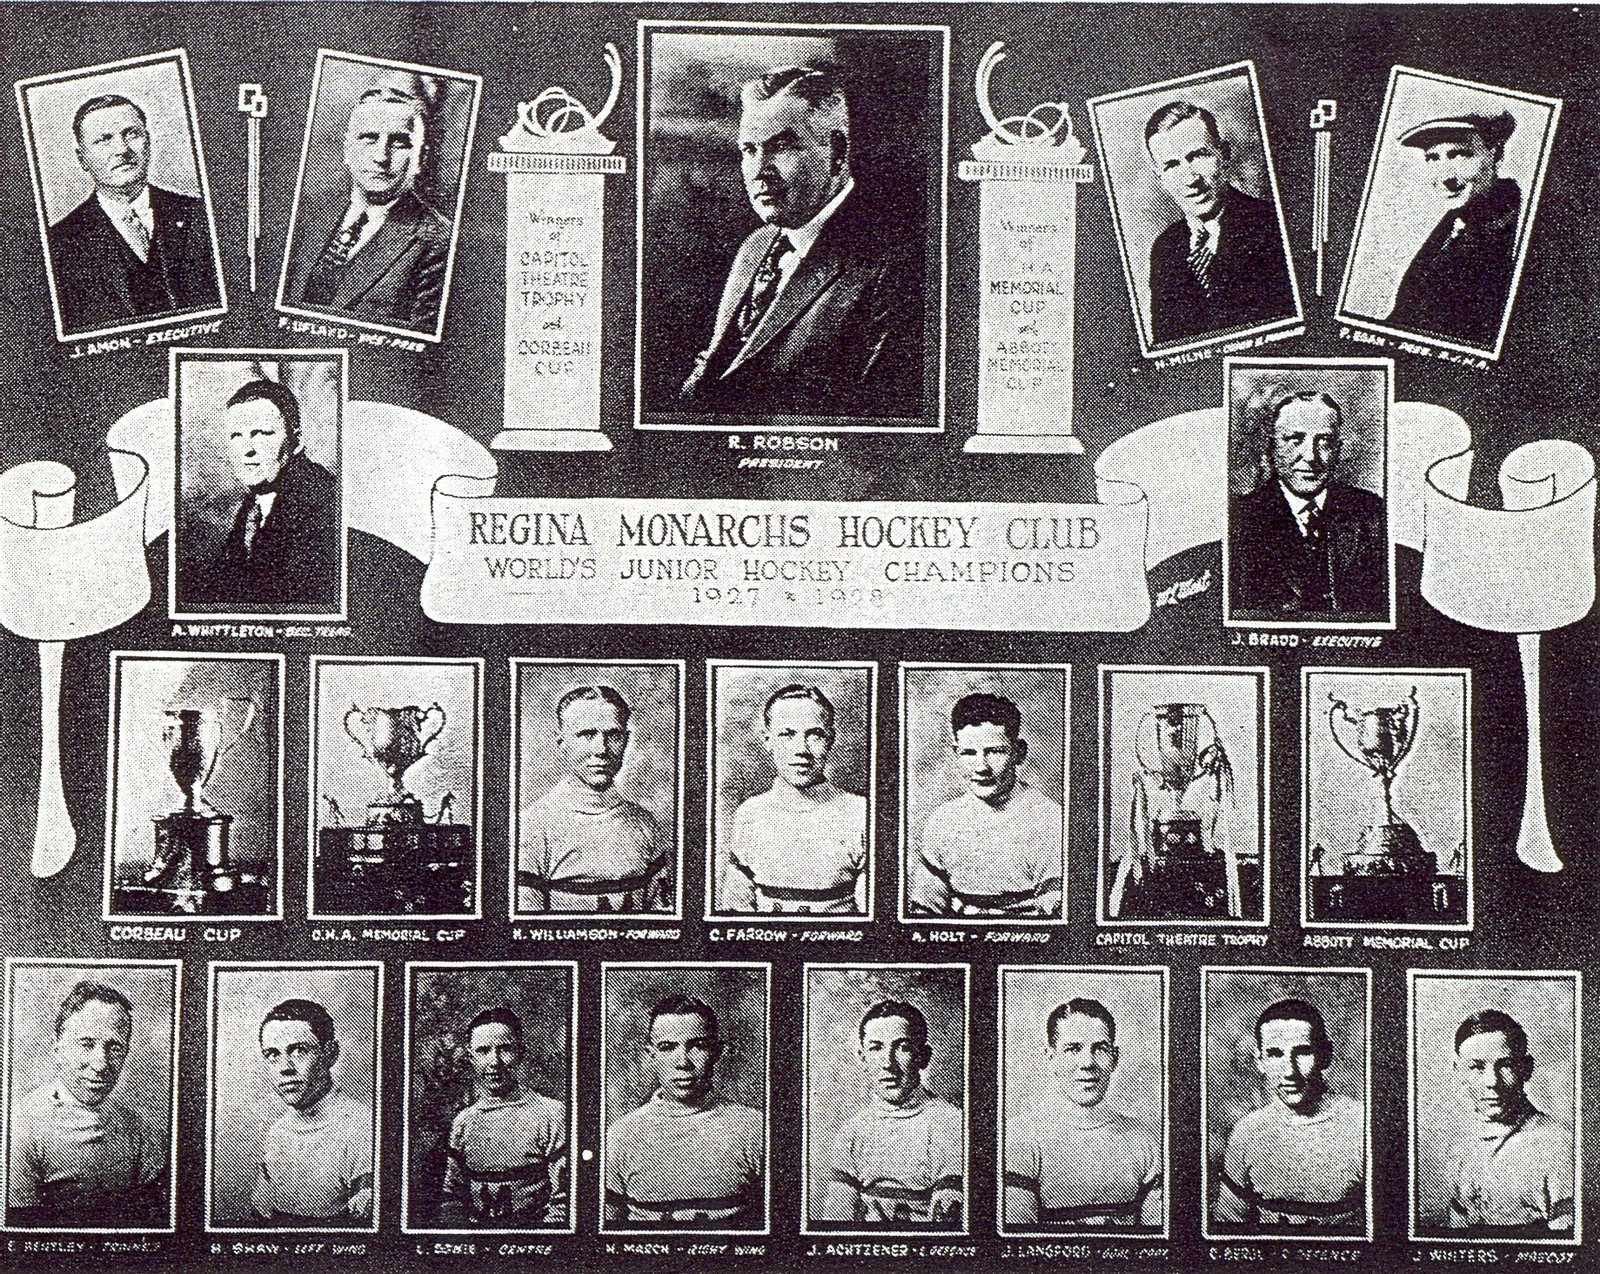 1927-28 Memorial Cup Final